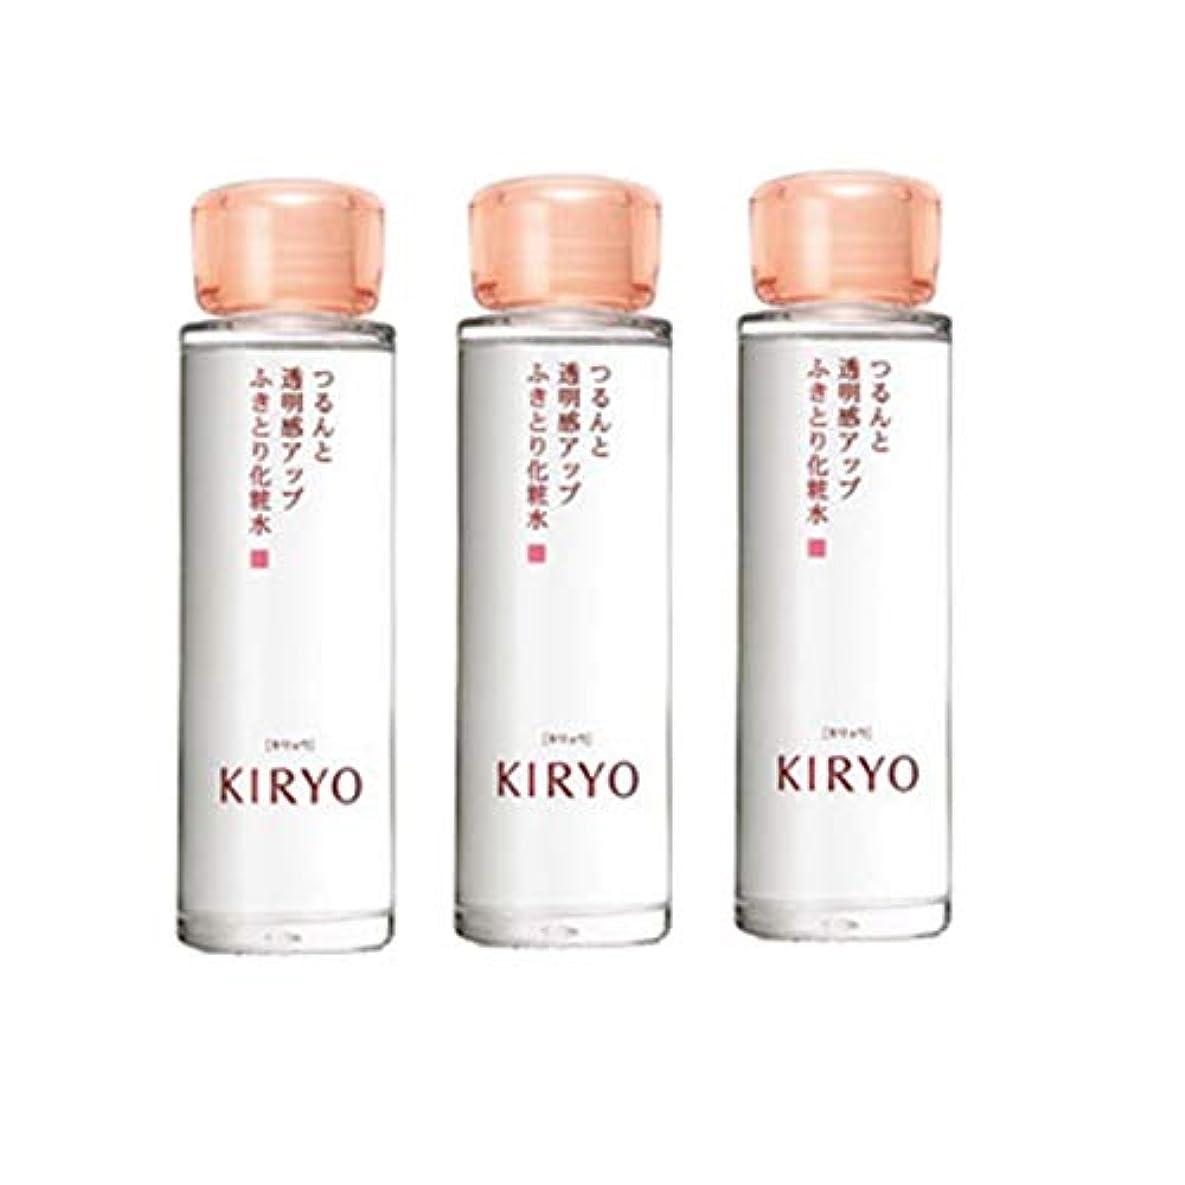 【資生堂/キリョウ】KIRYO クリアアップ ウオーターn 125ml ×3個セット【International shipping available】